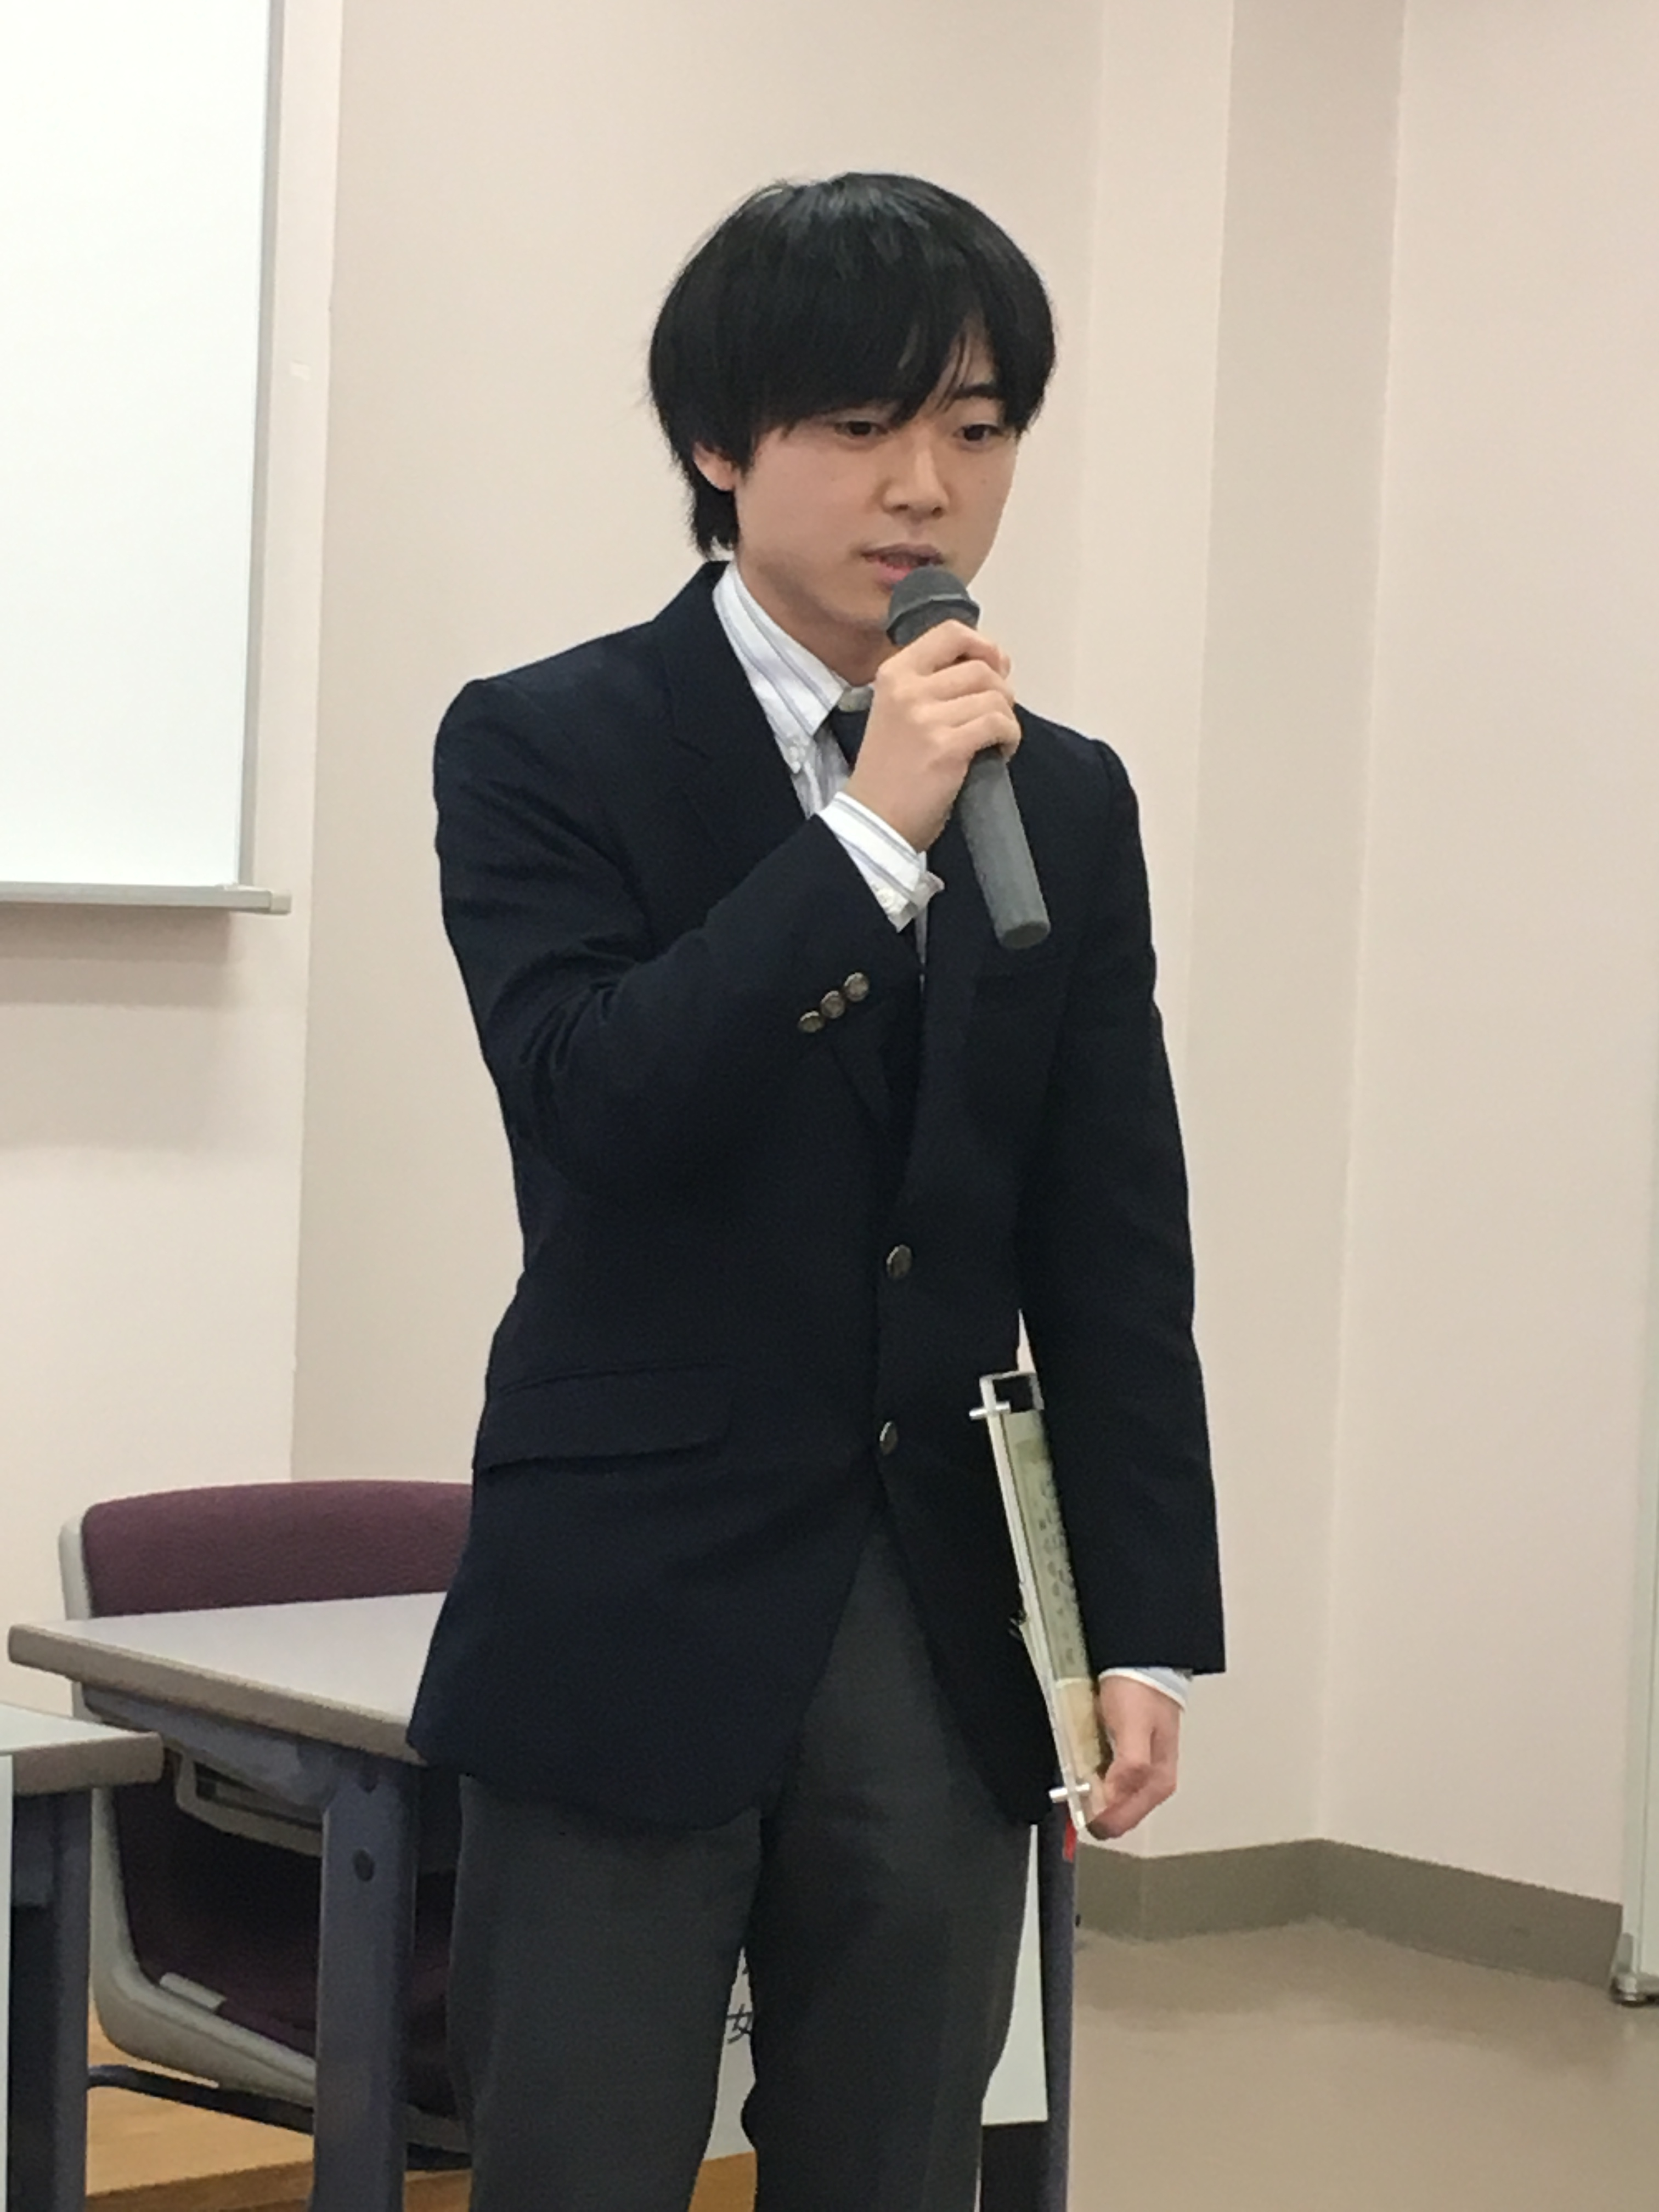 喜びの言葉を語る近藤佑樹氏